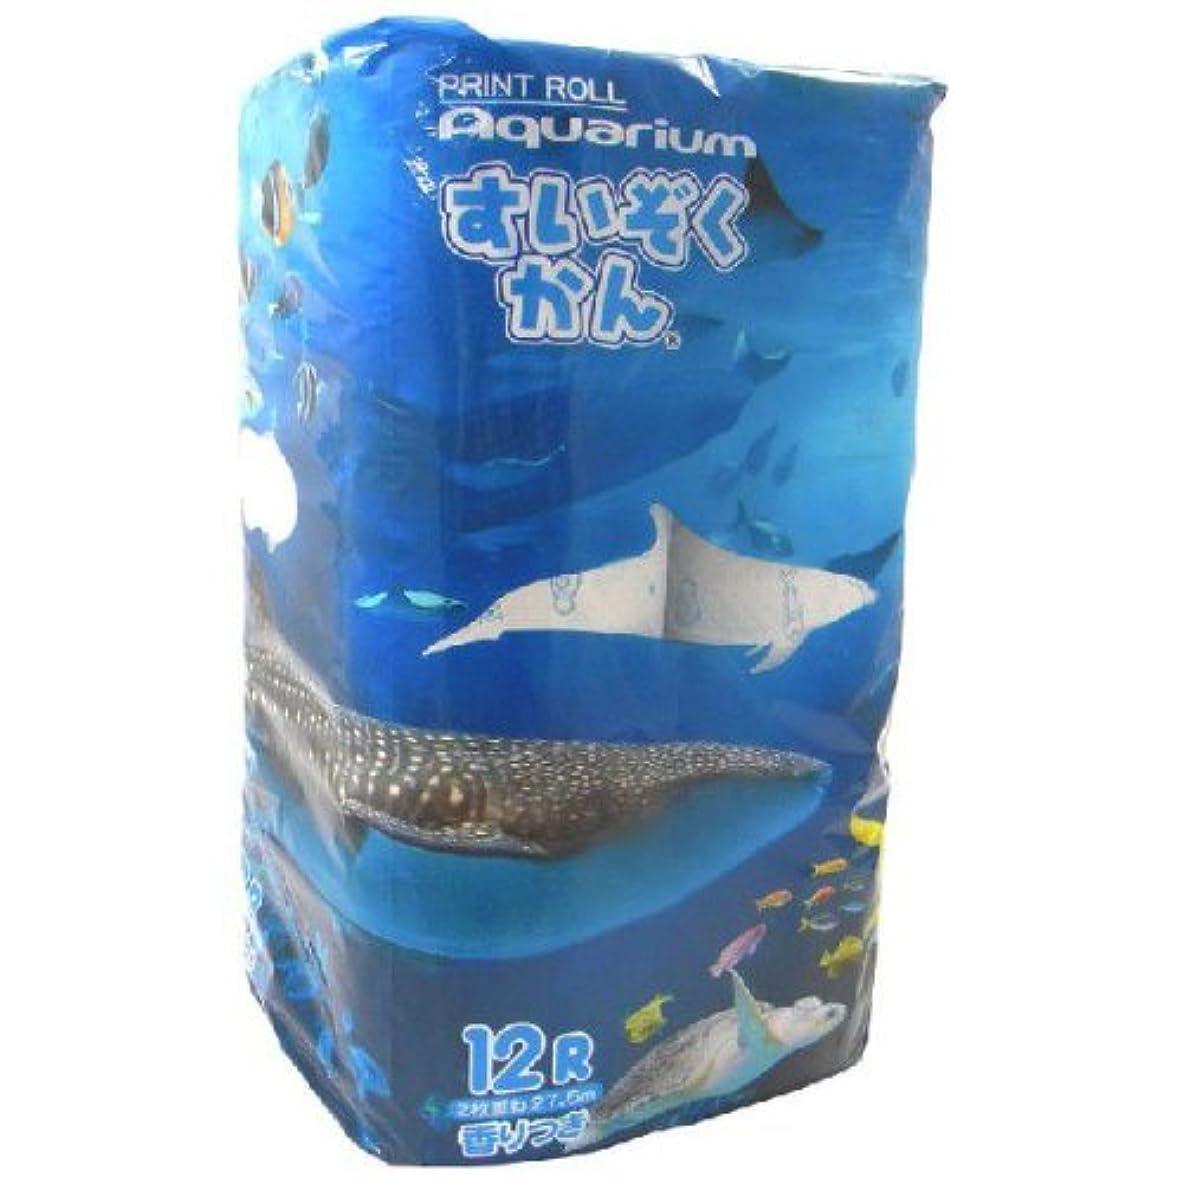 愚かシェフブラウズ涼しげな水族館の柄をプリントしたトイレットペーパー 12ロール 【2パックセット】